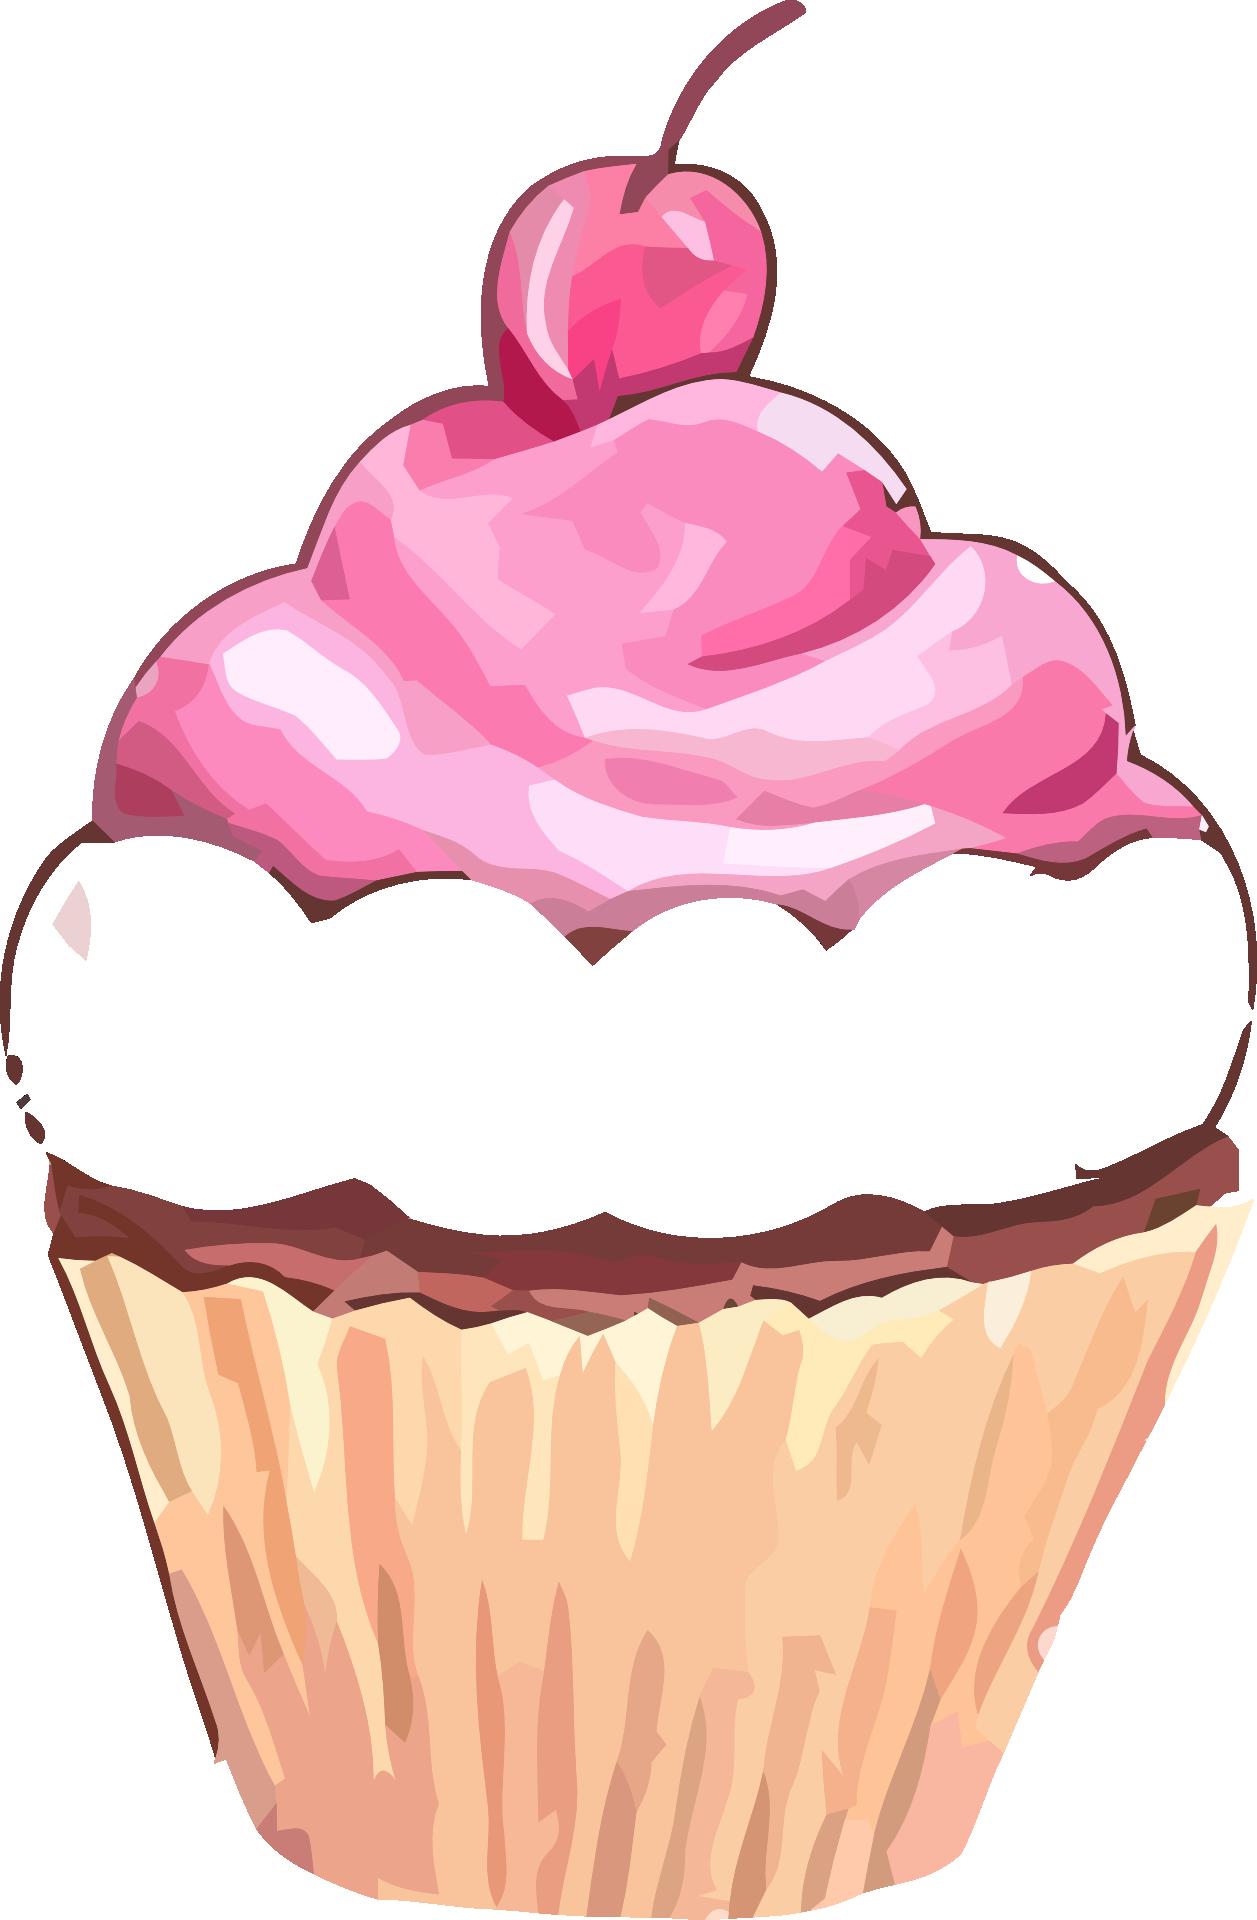 Dessin Cupcakes Images Gratuites Et Libres De Droits